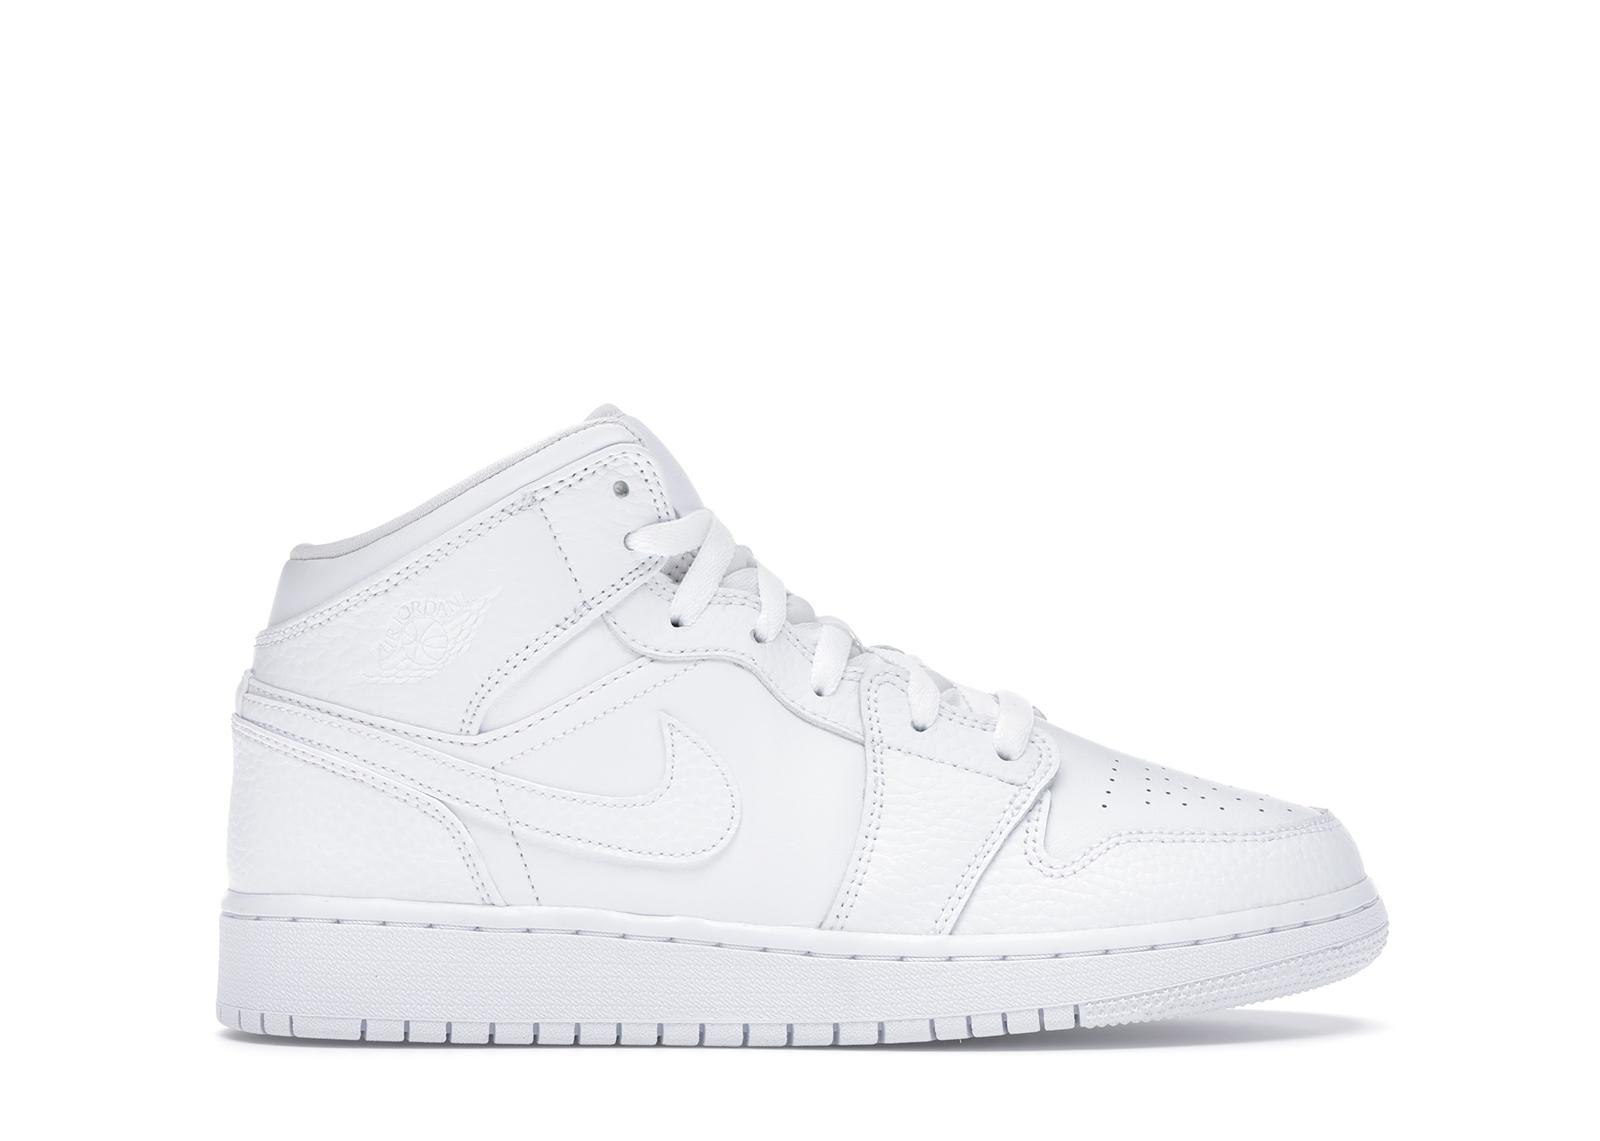 Jordan 1 Mid Triple White (GS) - 554725-130